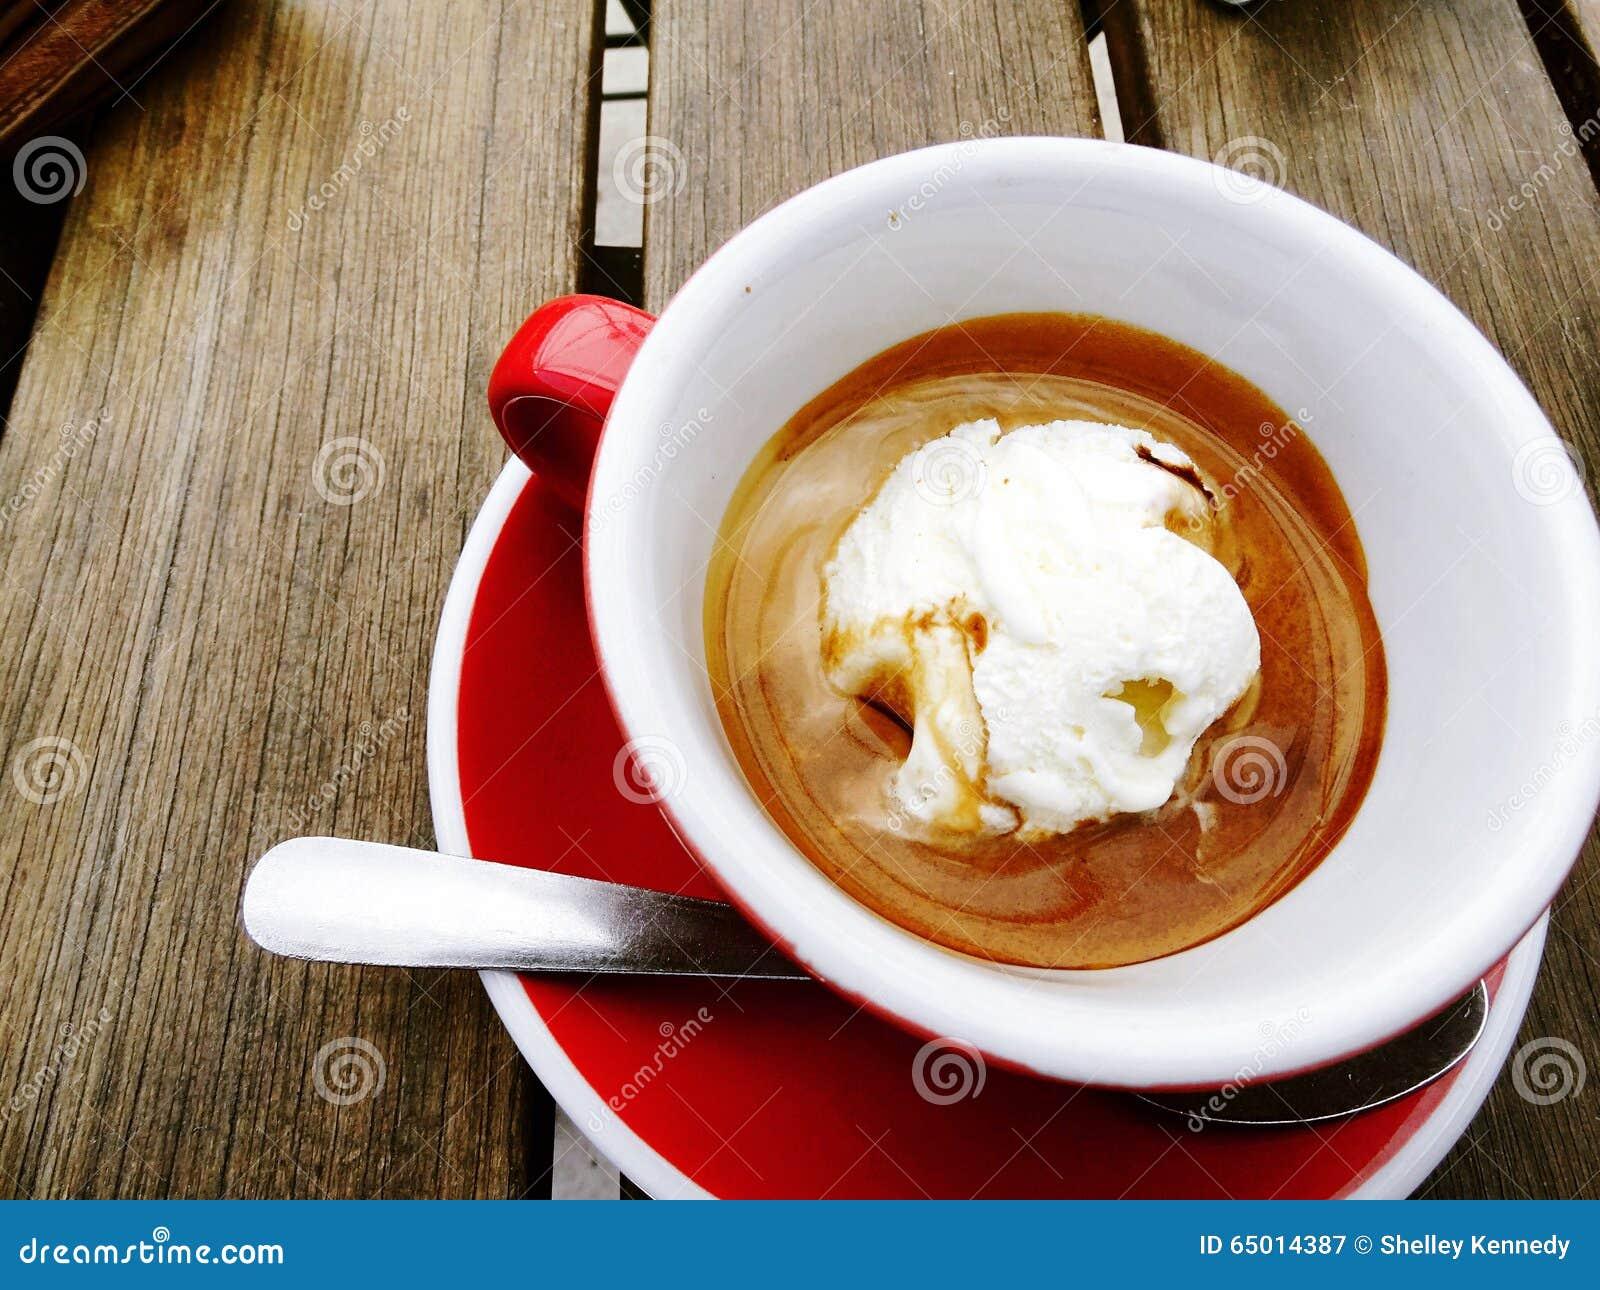 Affogato (горячий кофе эспрессо политый над мороженым), который служат в красных чашке и поддоннике